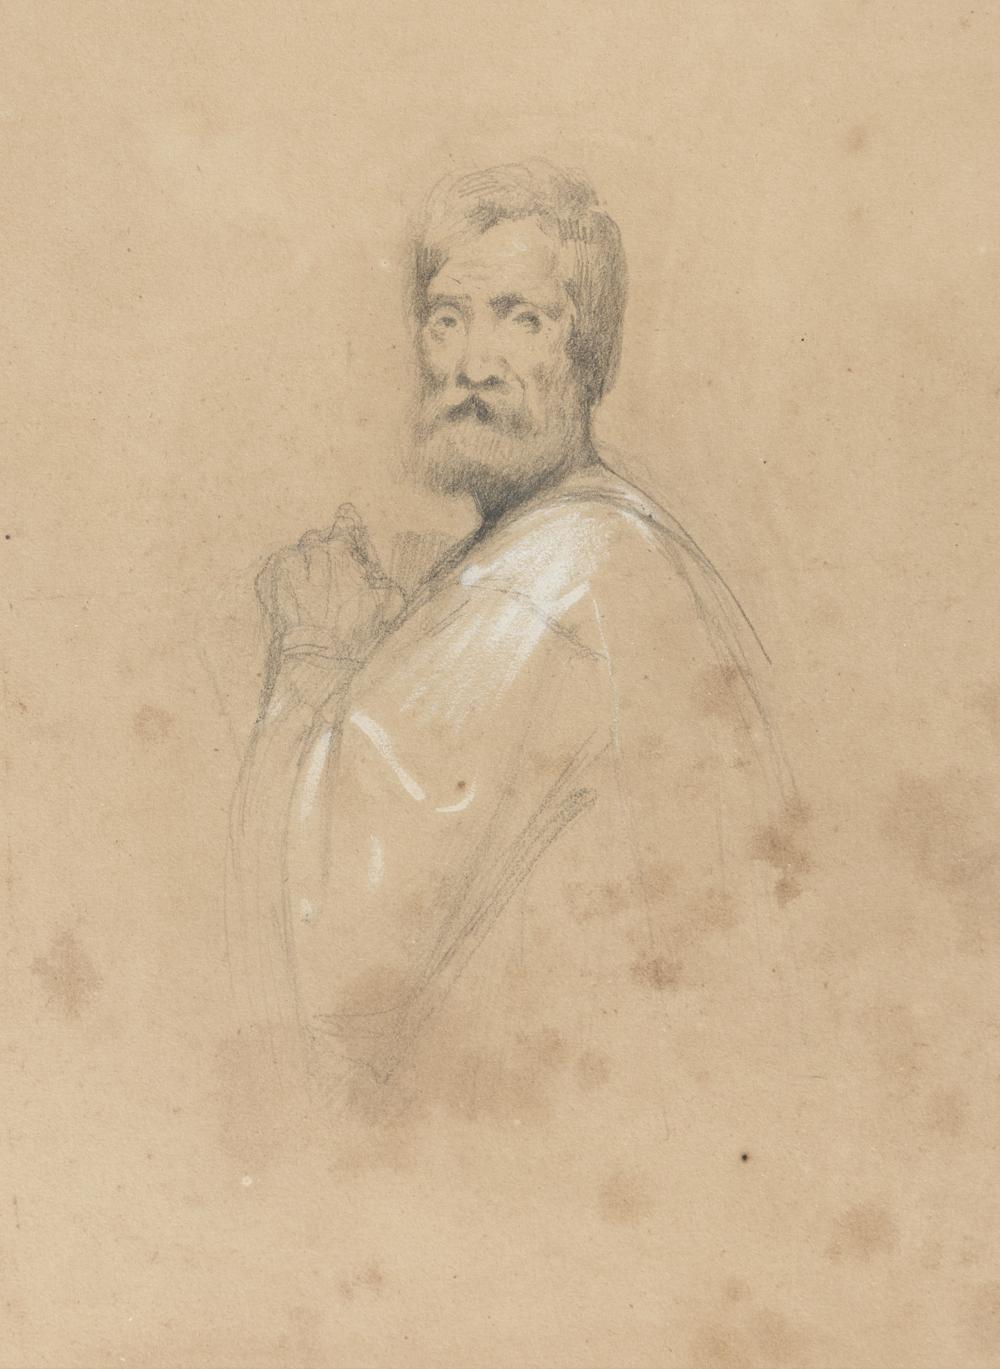 Lot 366: ITALIAN PAINTER, 19TH CENTURY